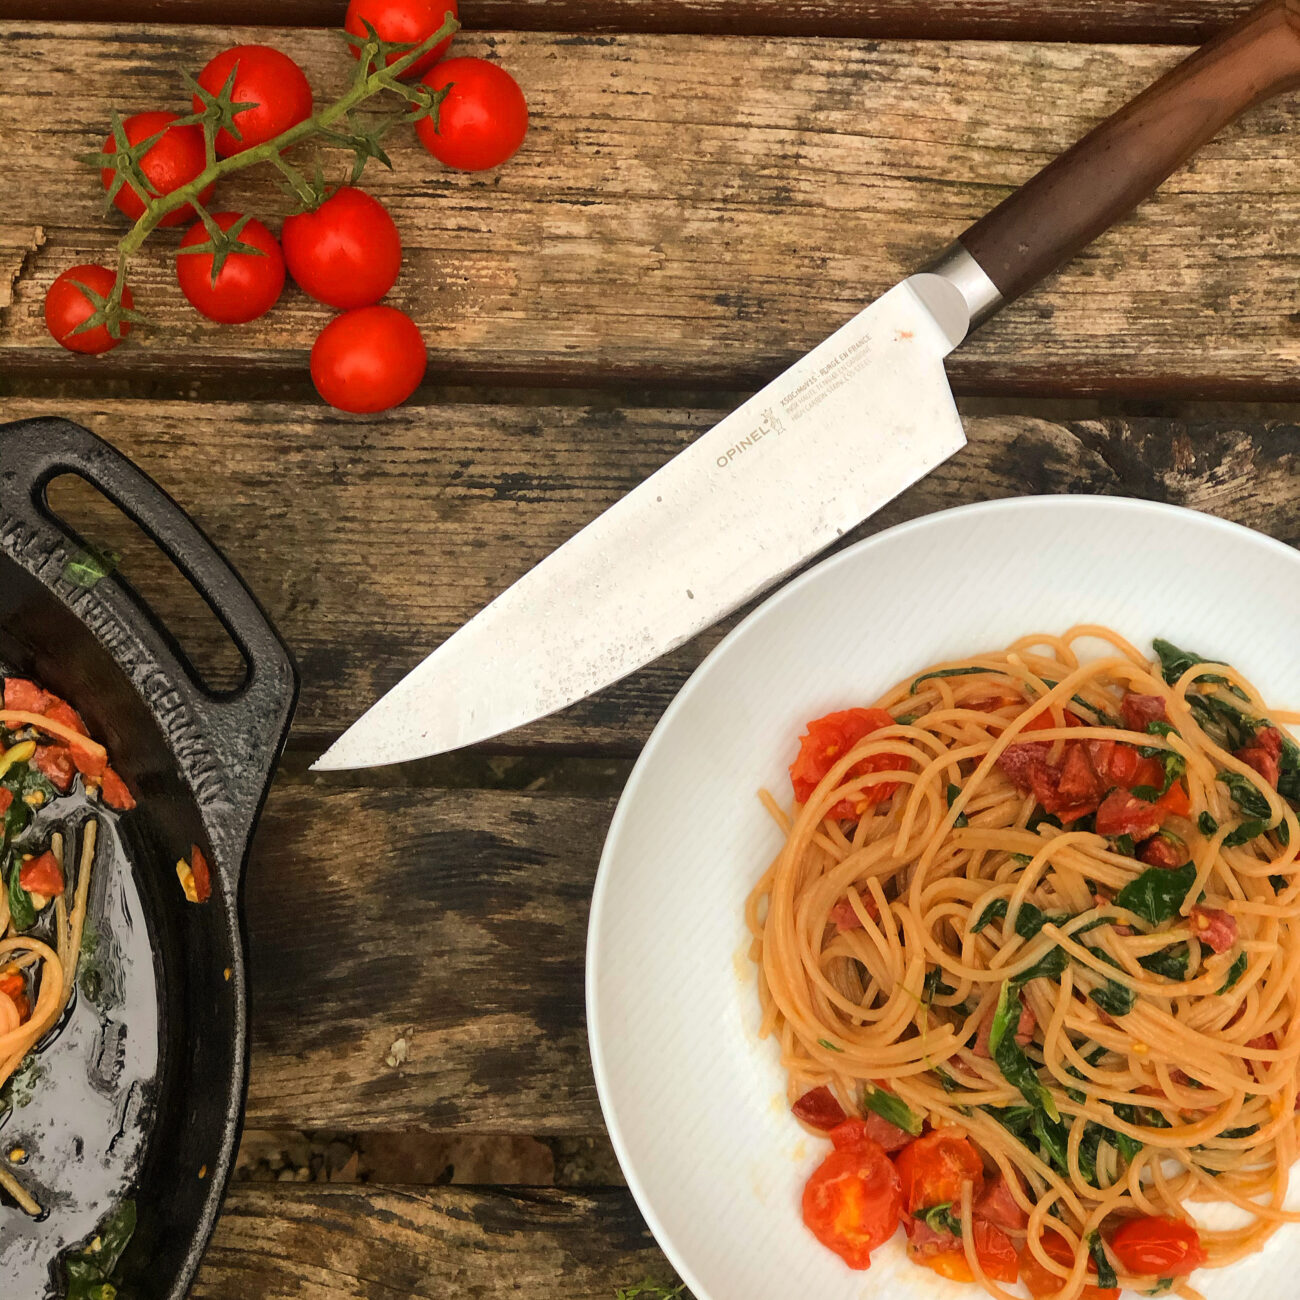 Σπαγγέτι με λουκάνικο,ντοματίνια ,σπανάκι